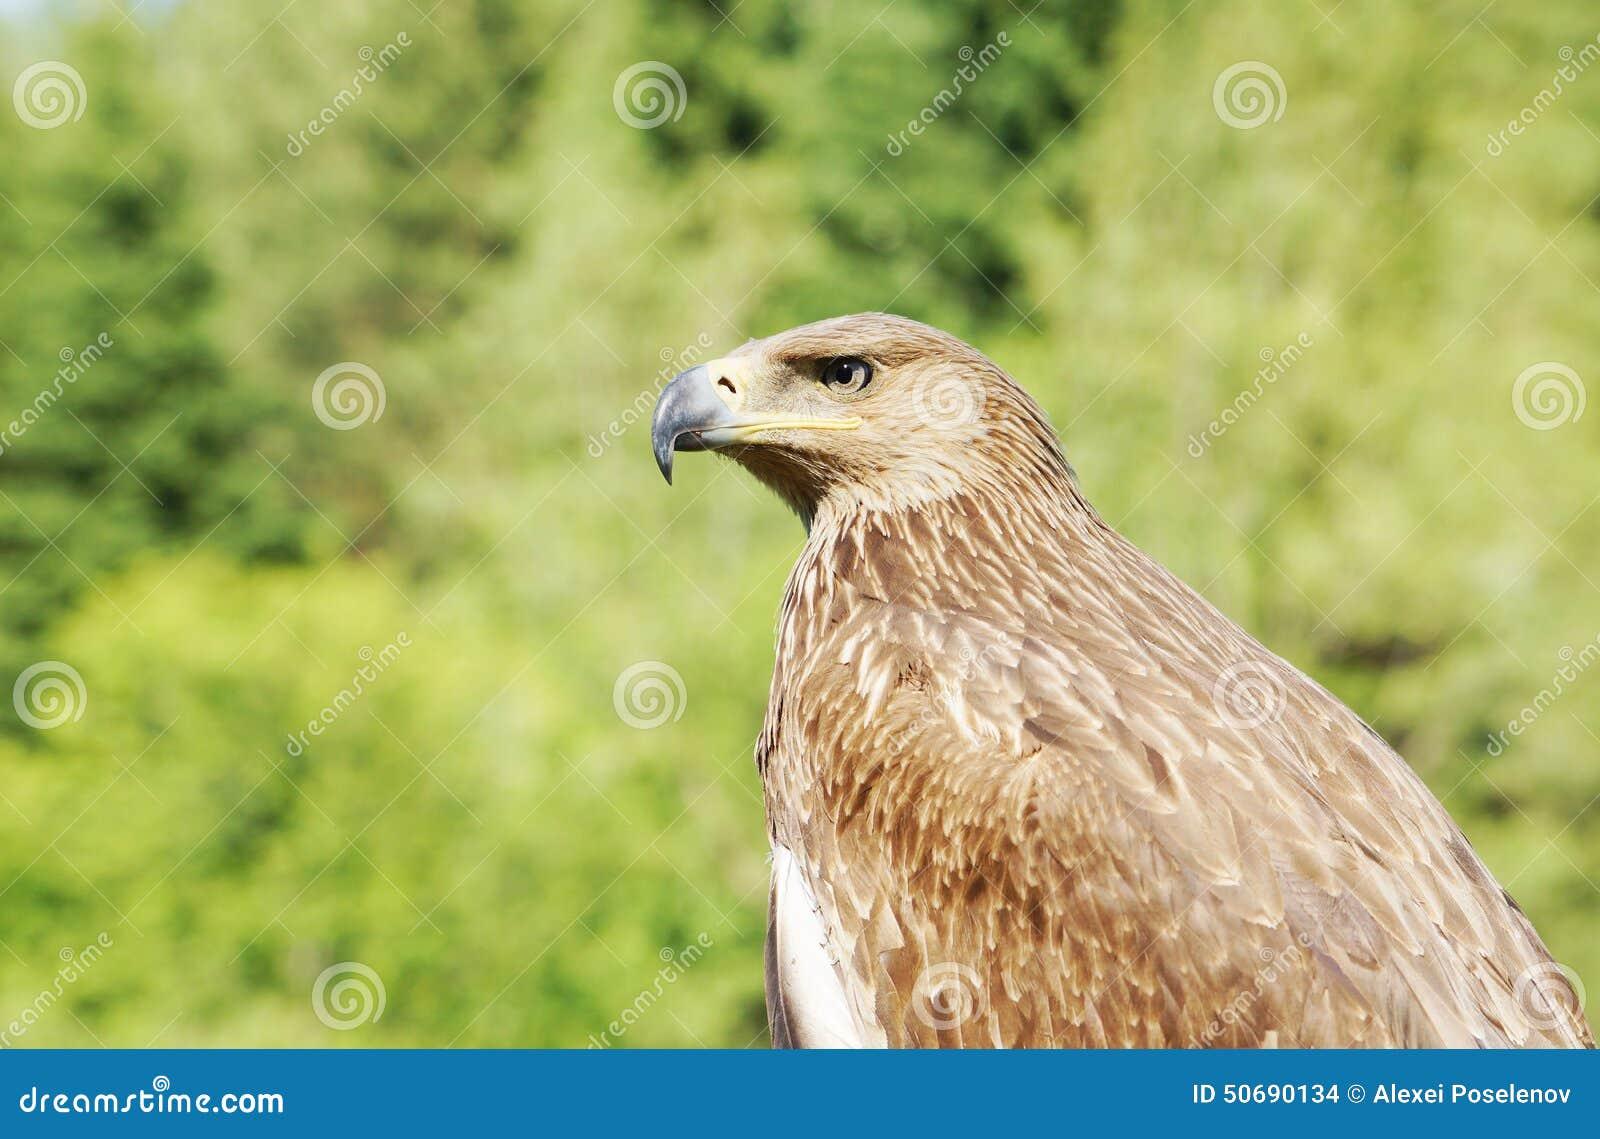 Download 一只老鹰的外形反对绿色叶子的 库存照片. 图片 包括有 双翼飞机, 自然, 木头, 风筝, 贪婪, 掠食性 - 50690134